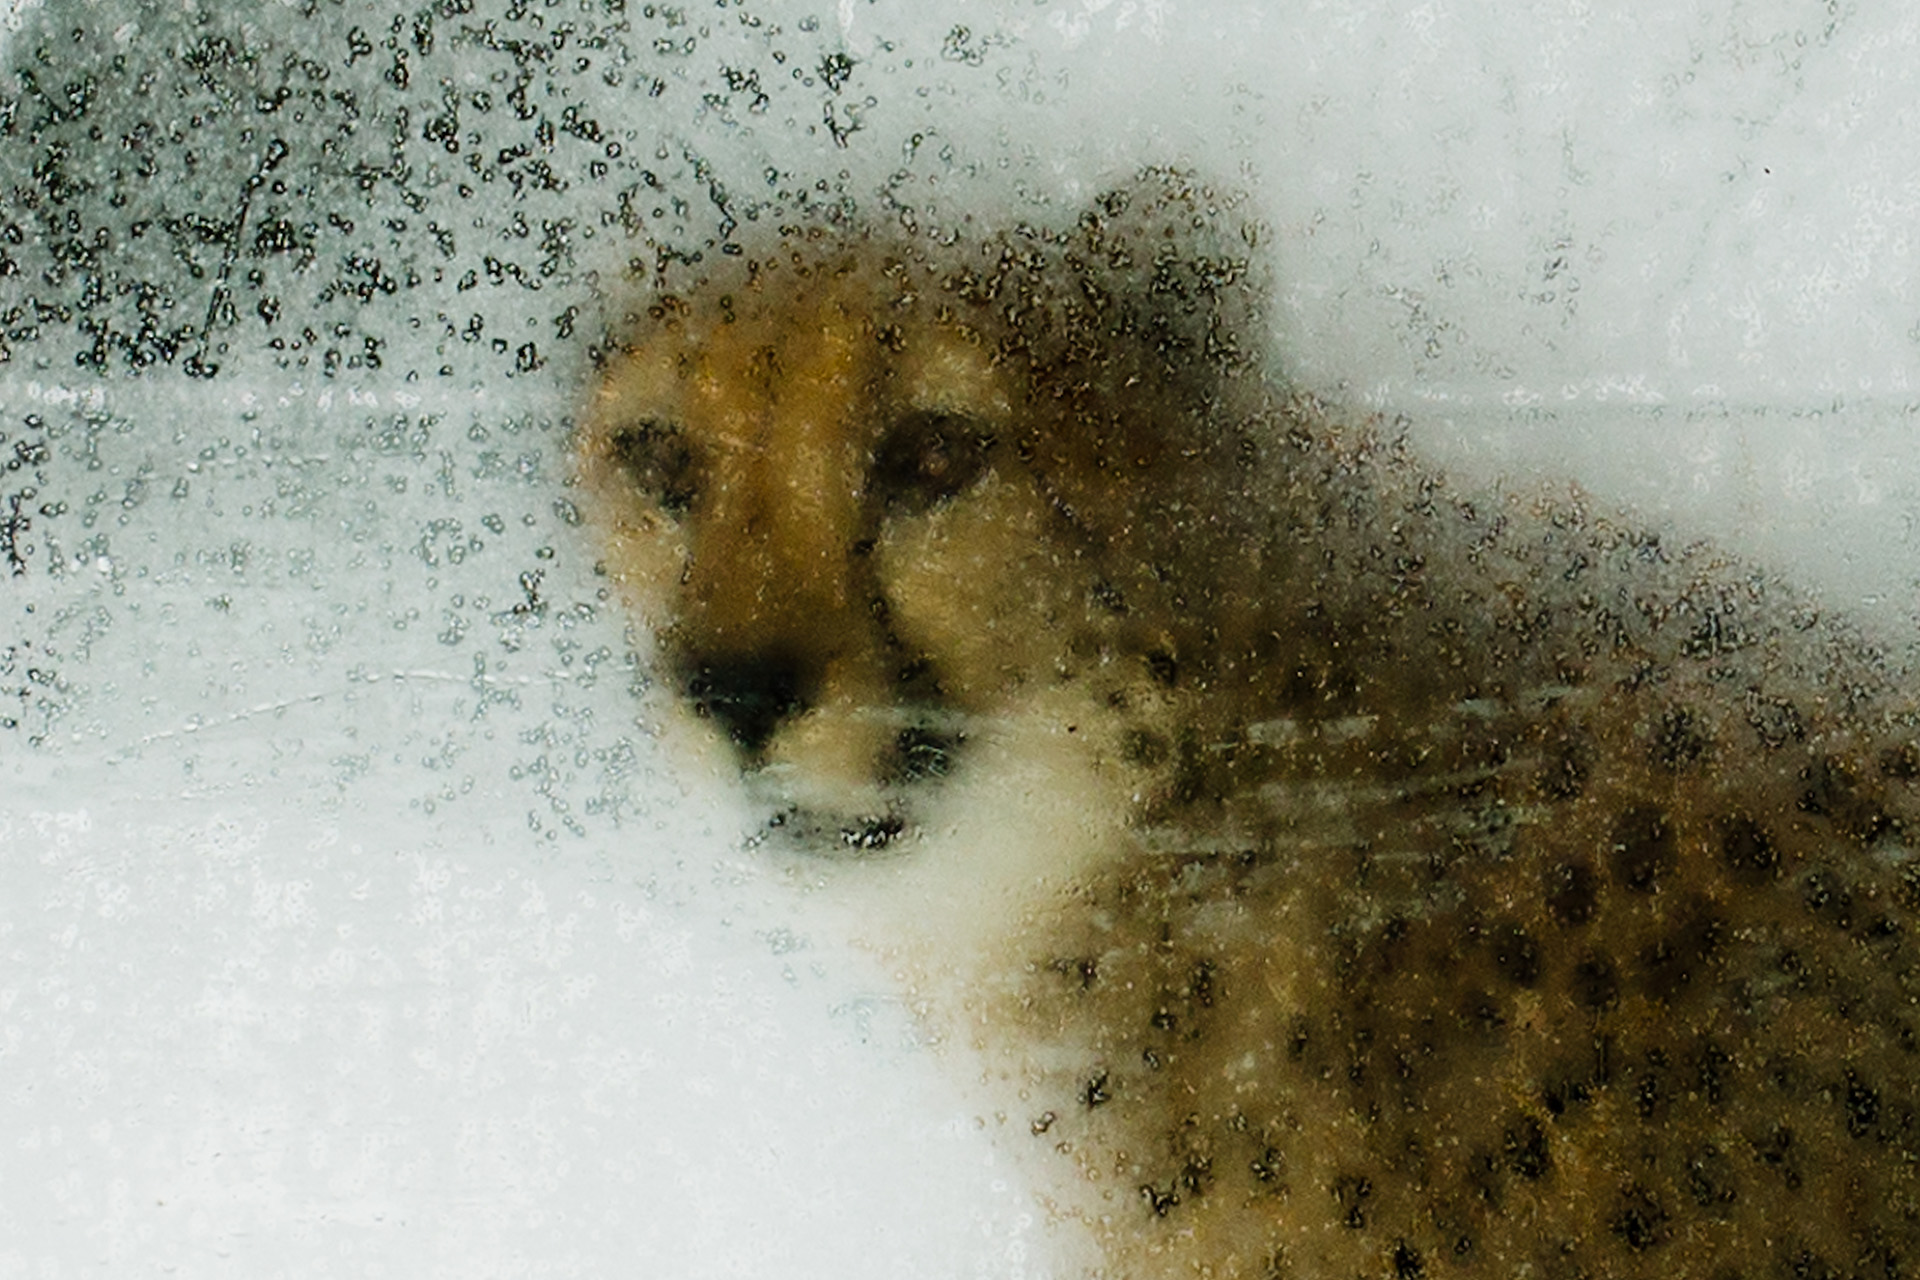 czech nature photo nominace zvířata v lidské peči - Martin Veselý